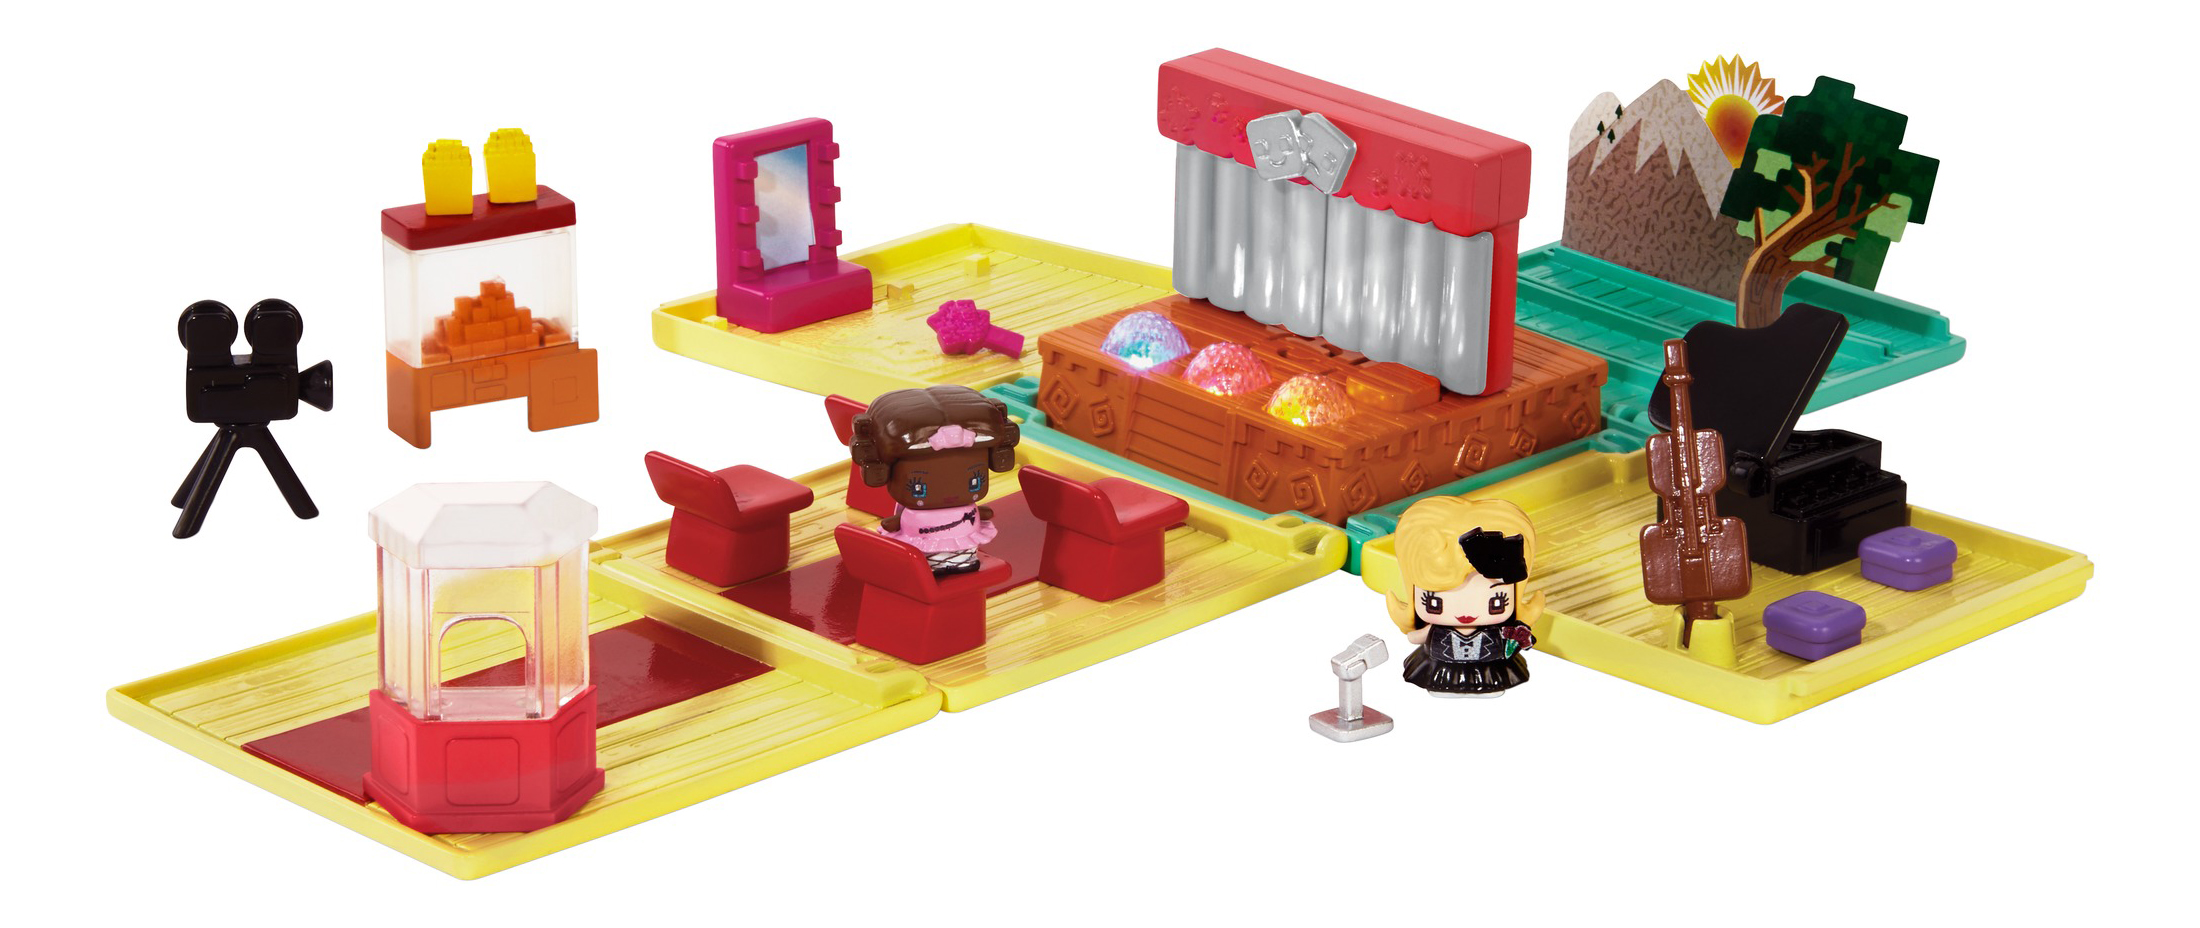 Купить Игровой набор My Mini Mixieq'S™ Игровой набор «музыкальная студия» +2 фигурки DXD61,